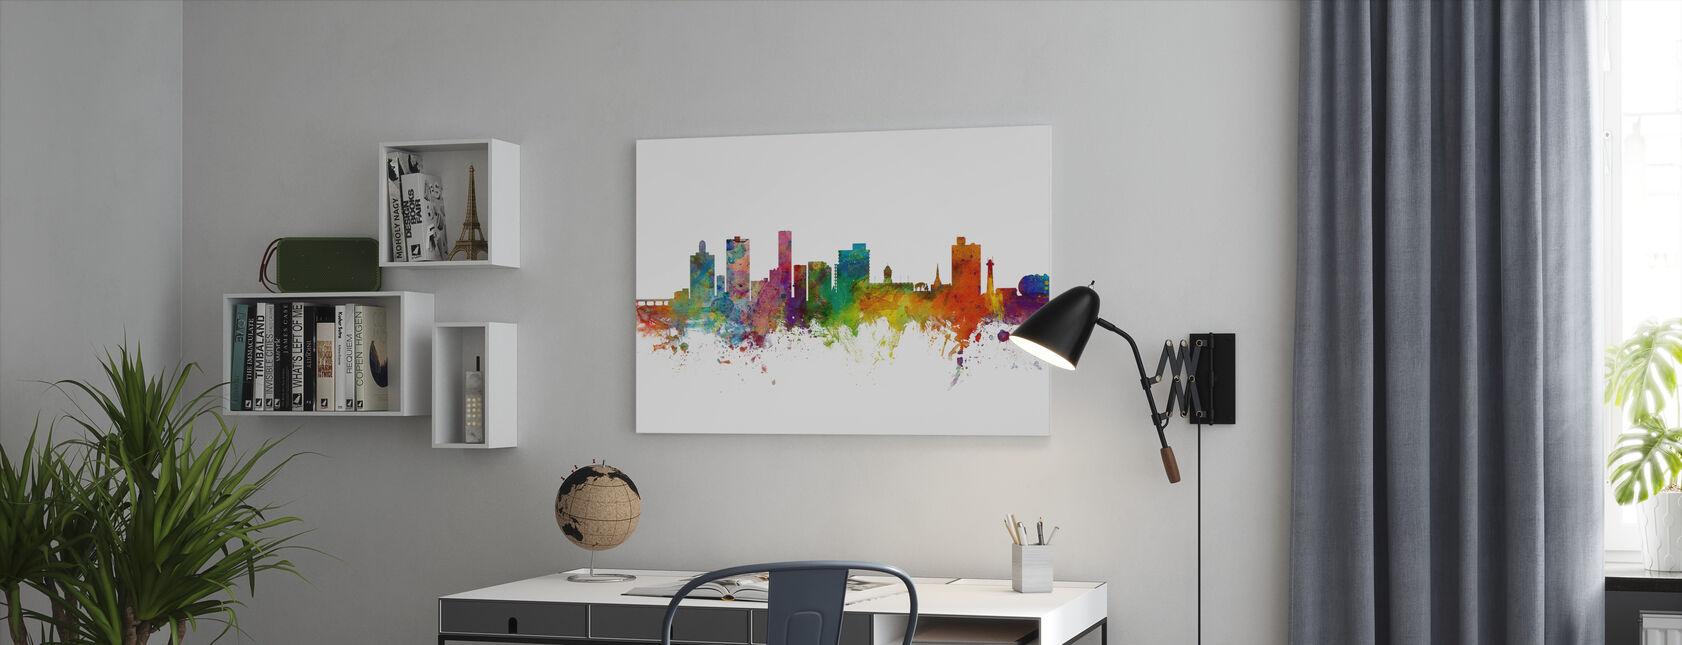 Port Elizabeth Afryka Południowa Skyline - Obraz na płótnie - Biuro